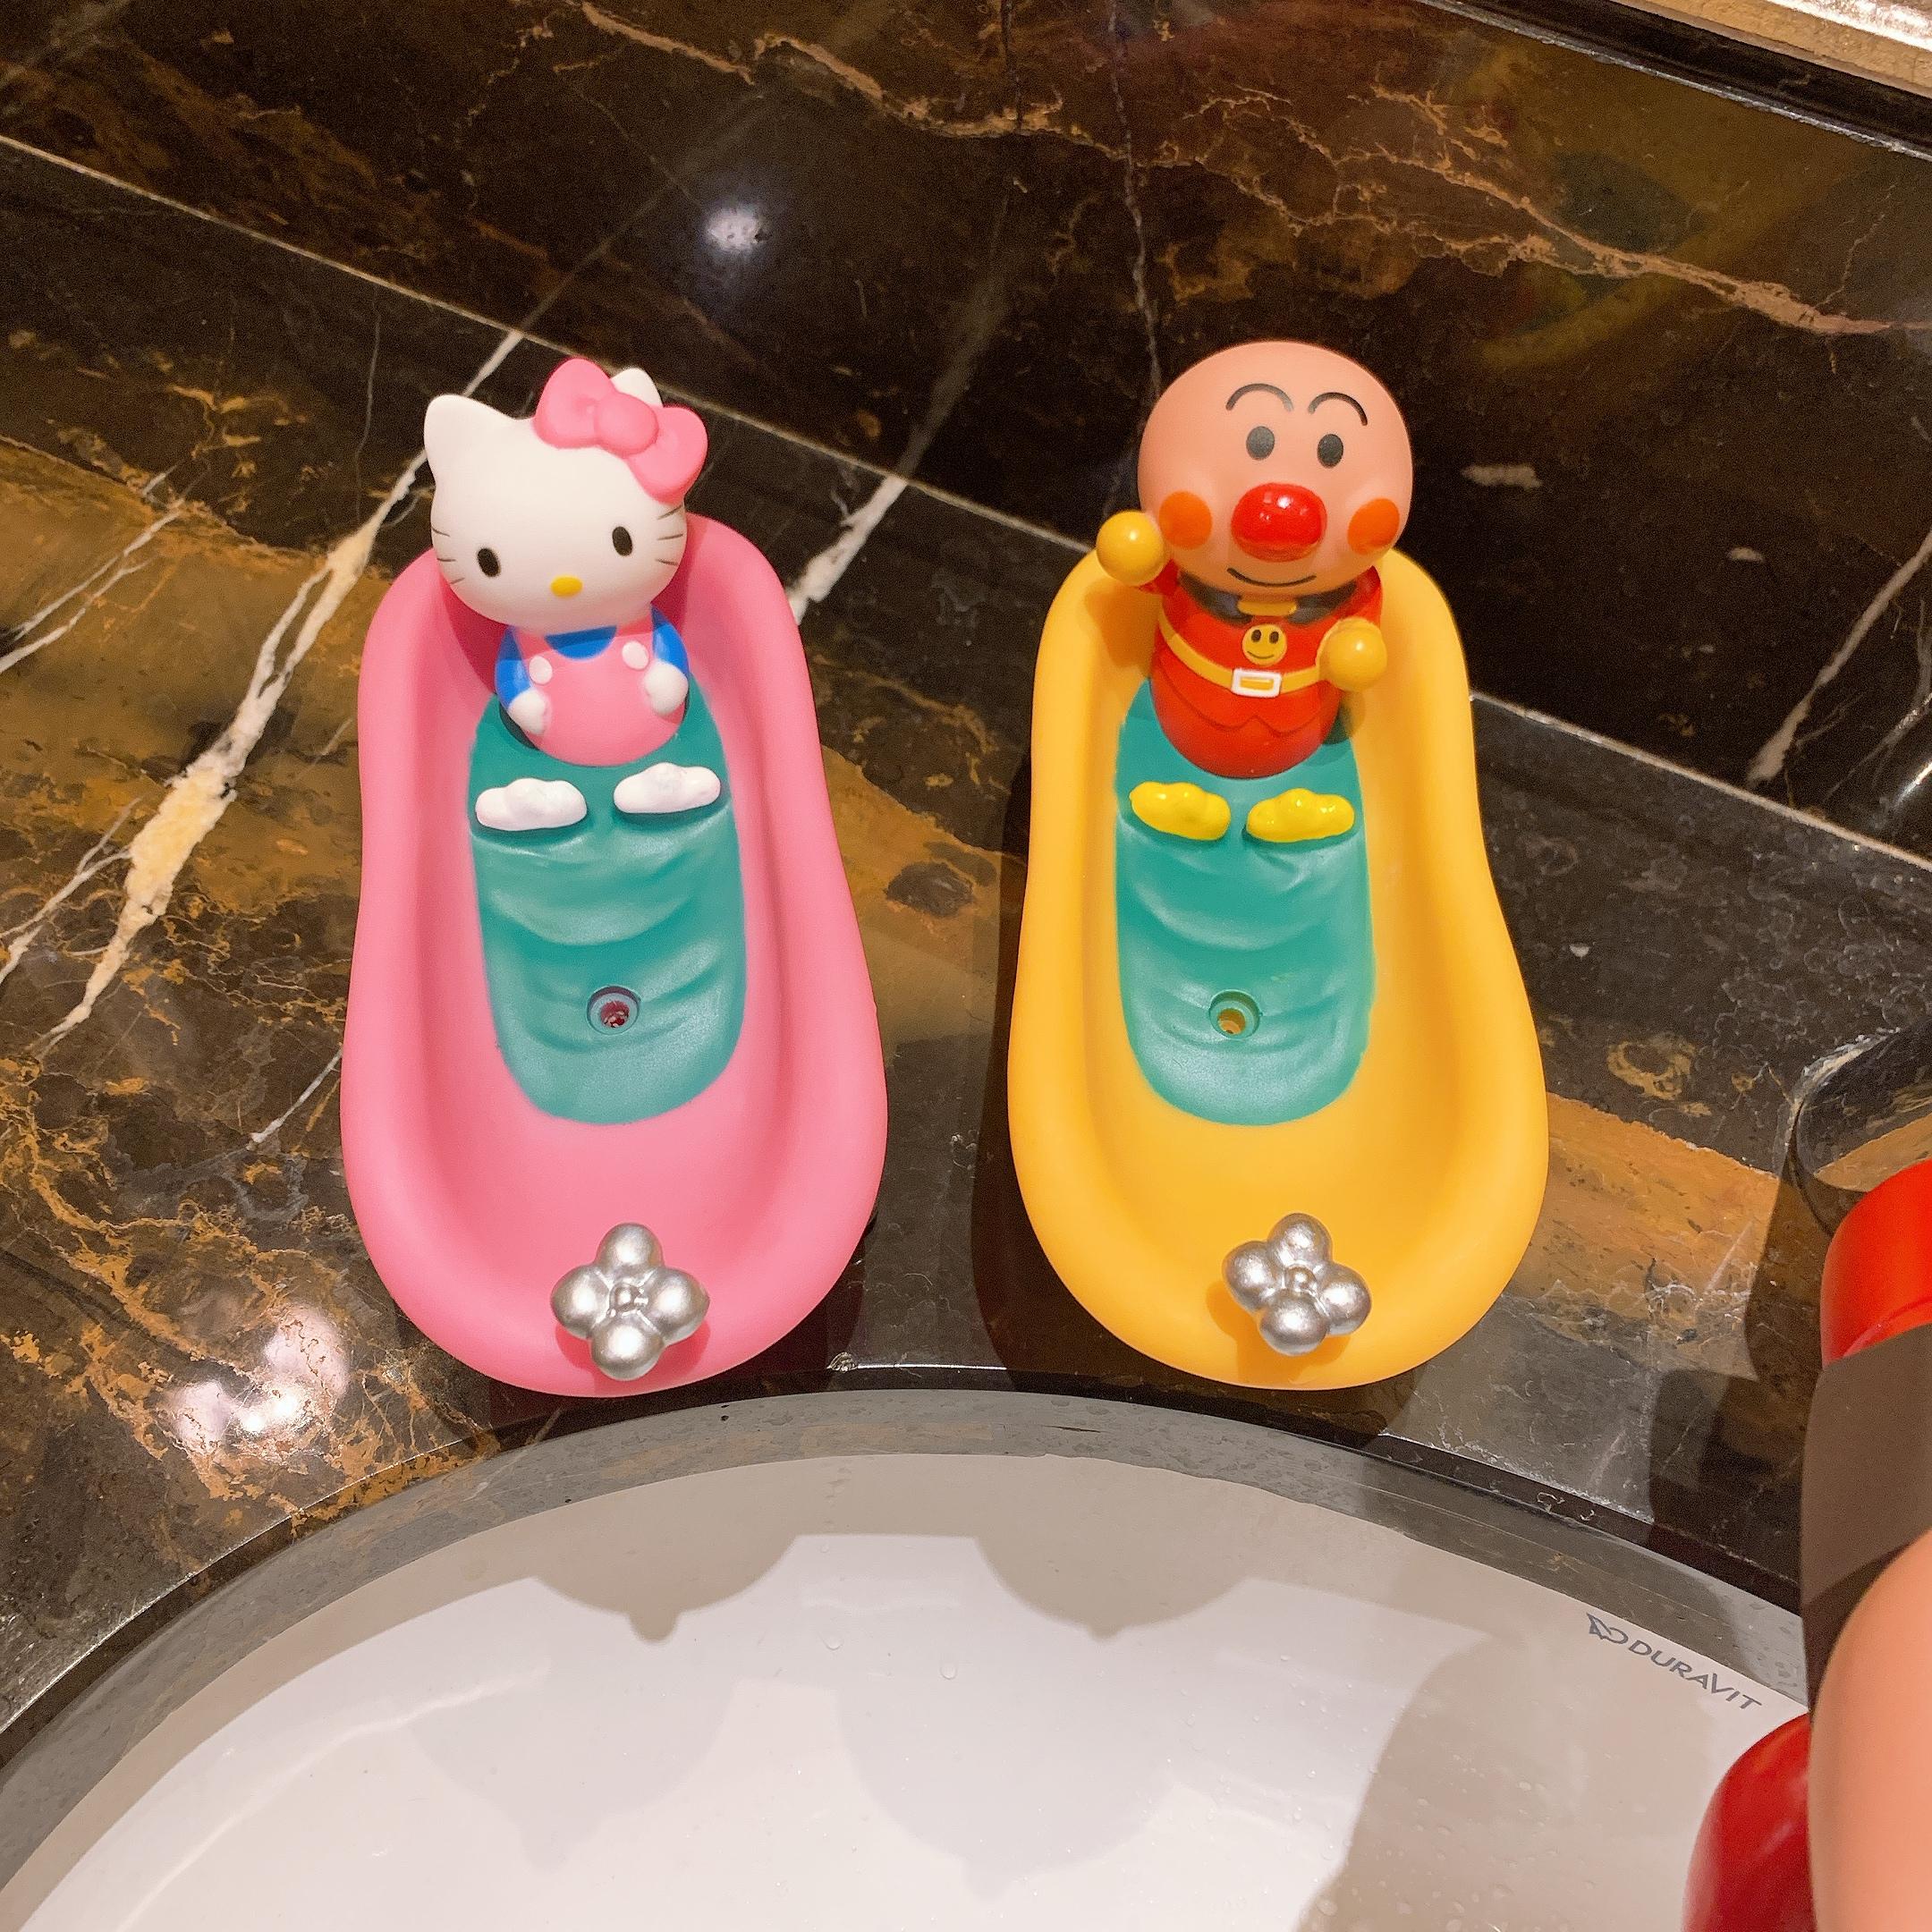 出口日单创意双层沥水肥皁盒儿童卡通麵包超人香皁盒浴室可爱皁碟详细照片